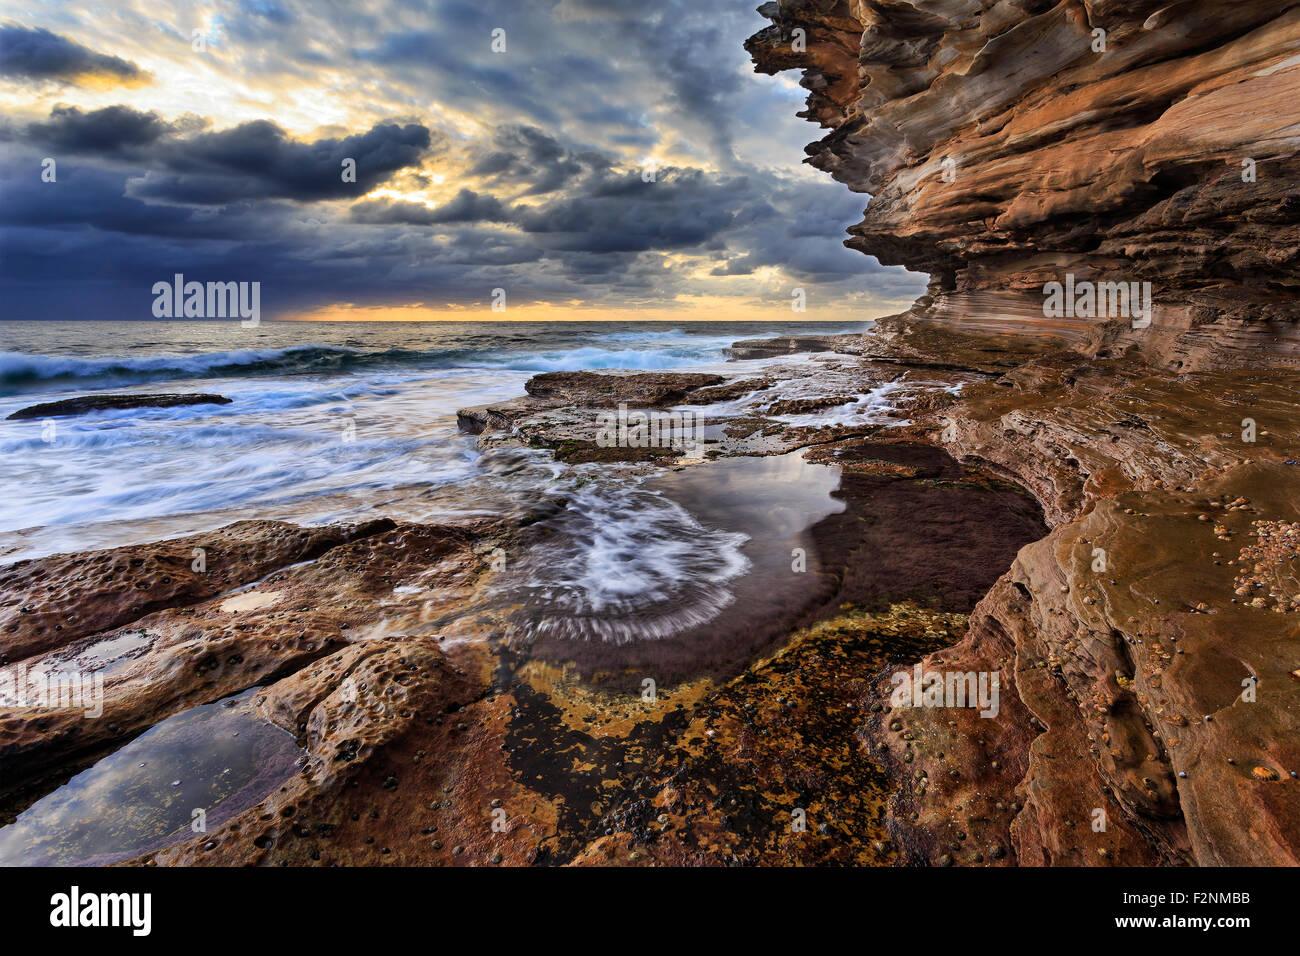 Las rocas de piedra arenisca natural formando alto paisaje a orilla del mar de la línea costera en Sydney, Imagen De Stock